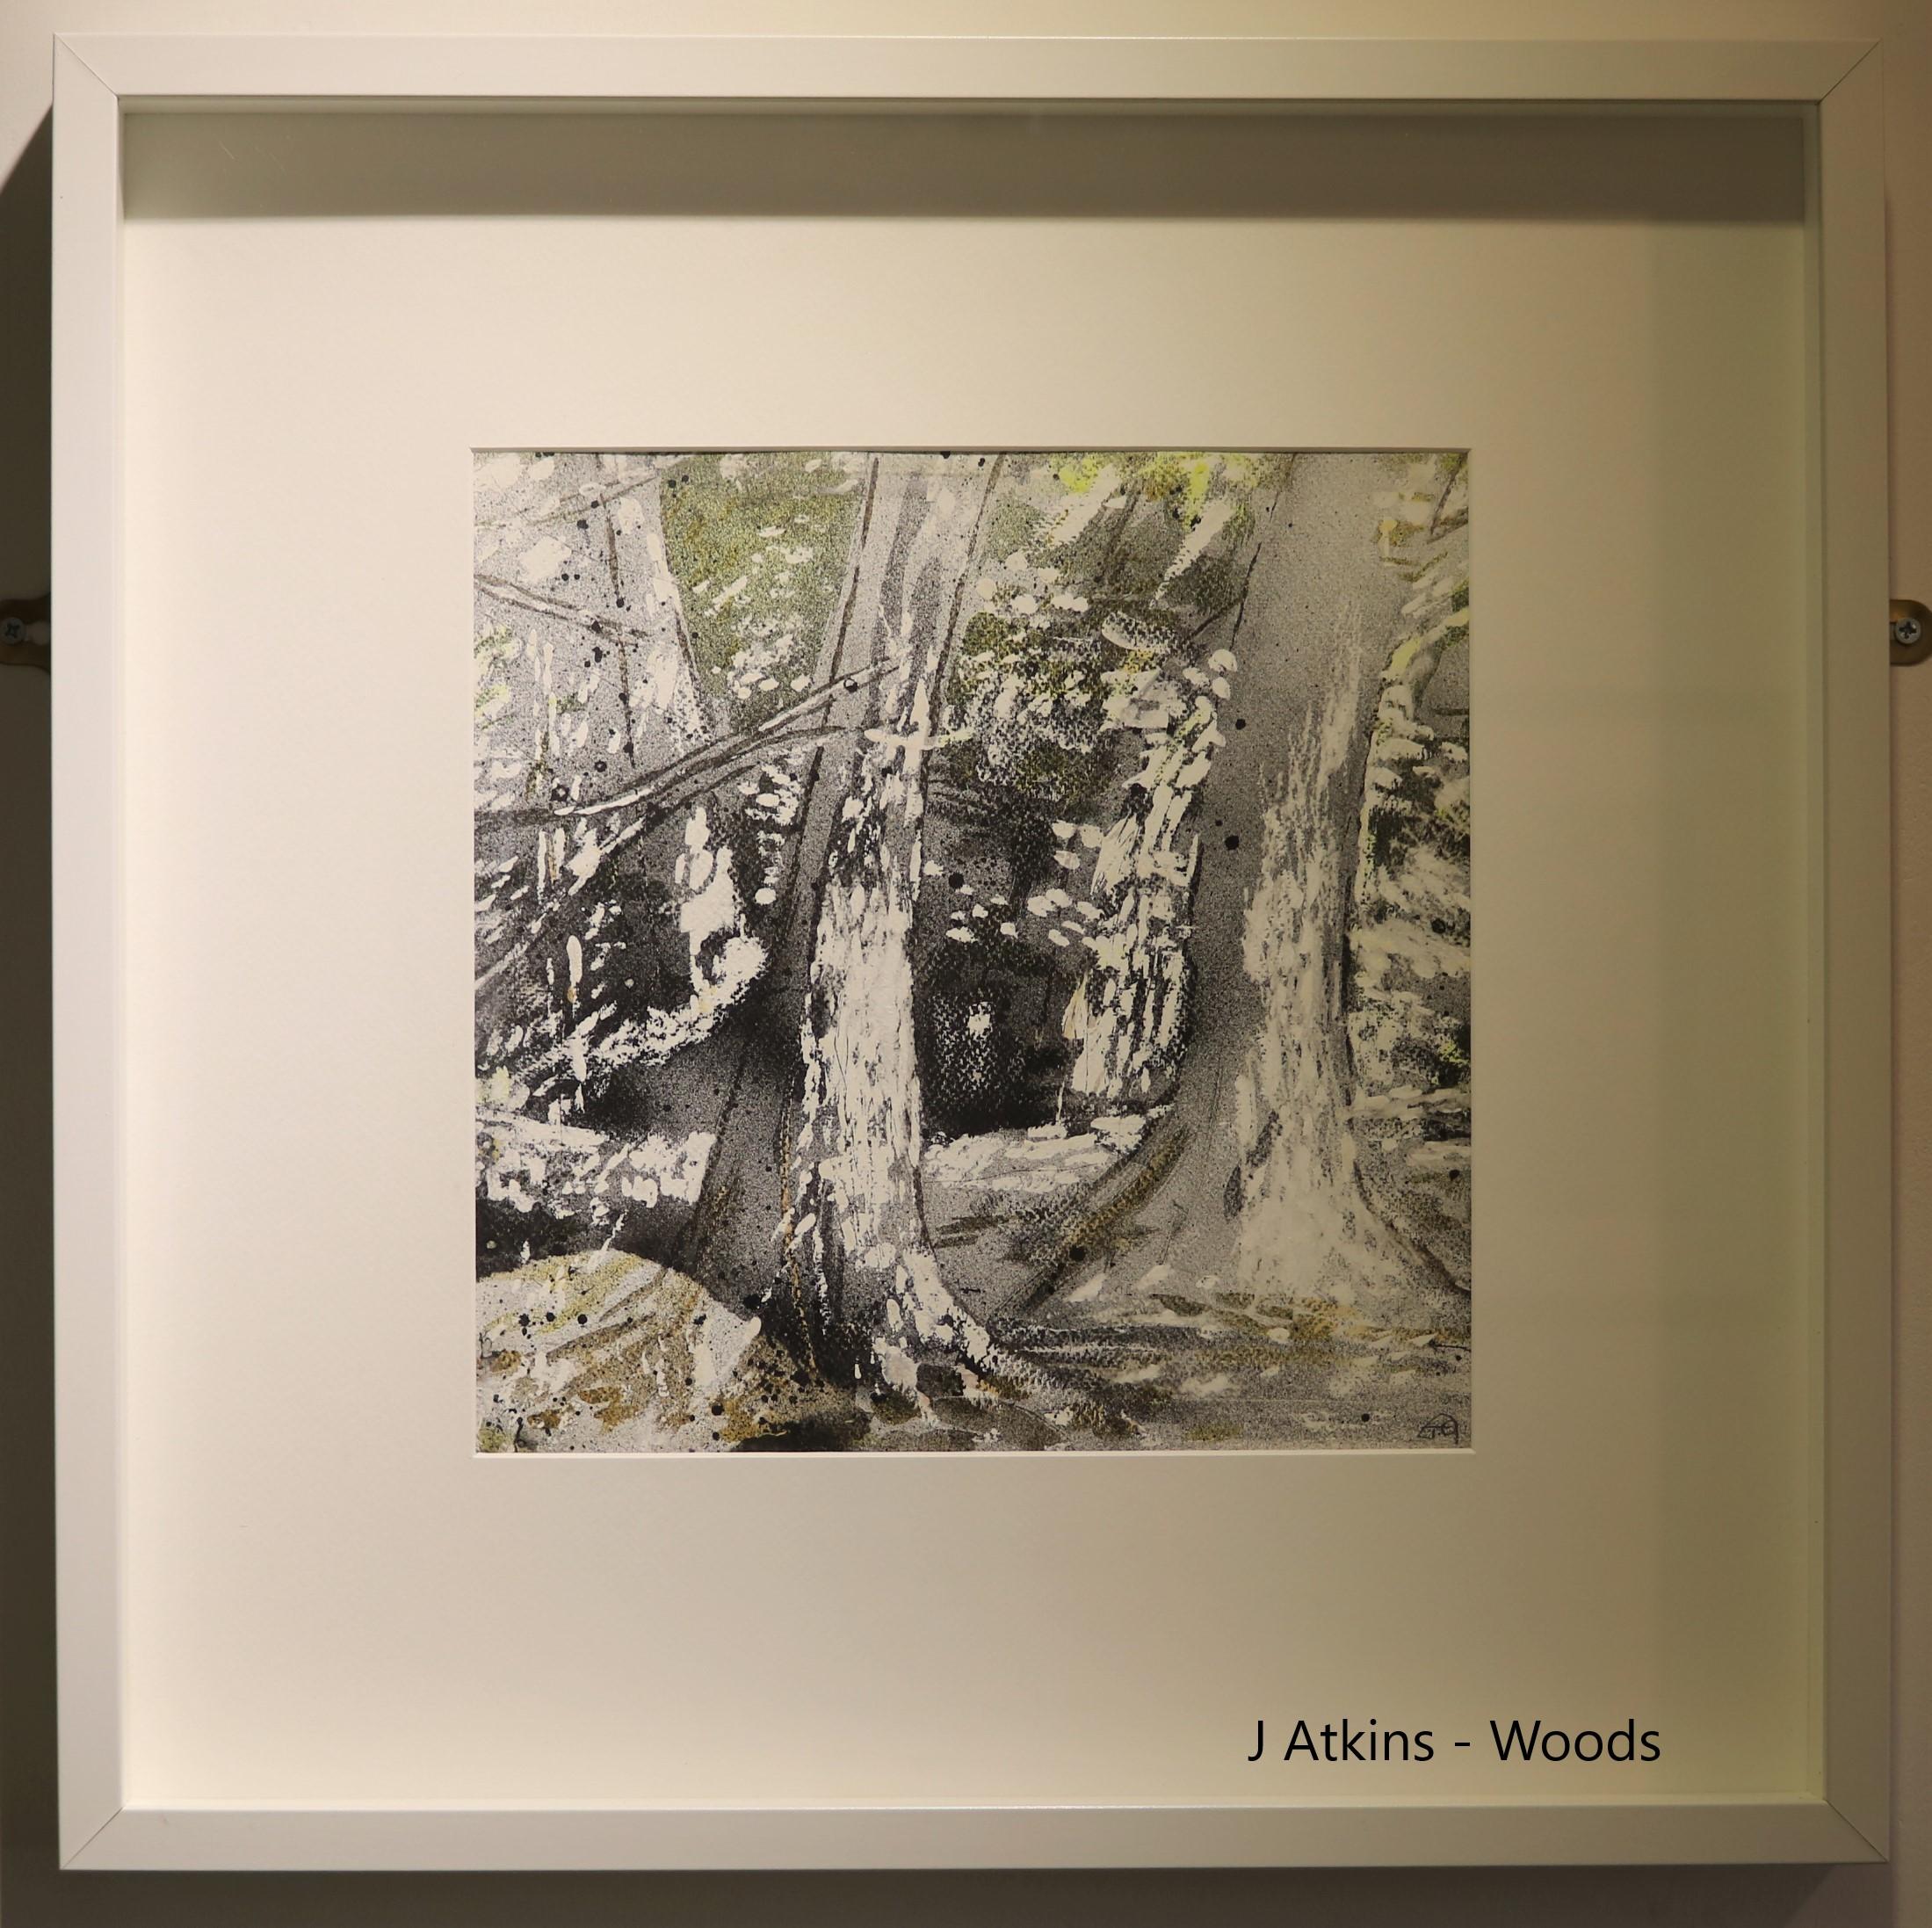 1_Atkins_J_Woods